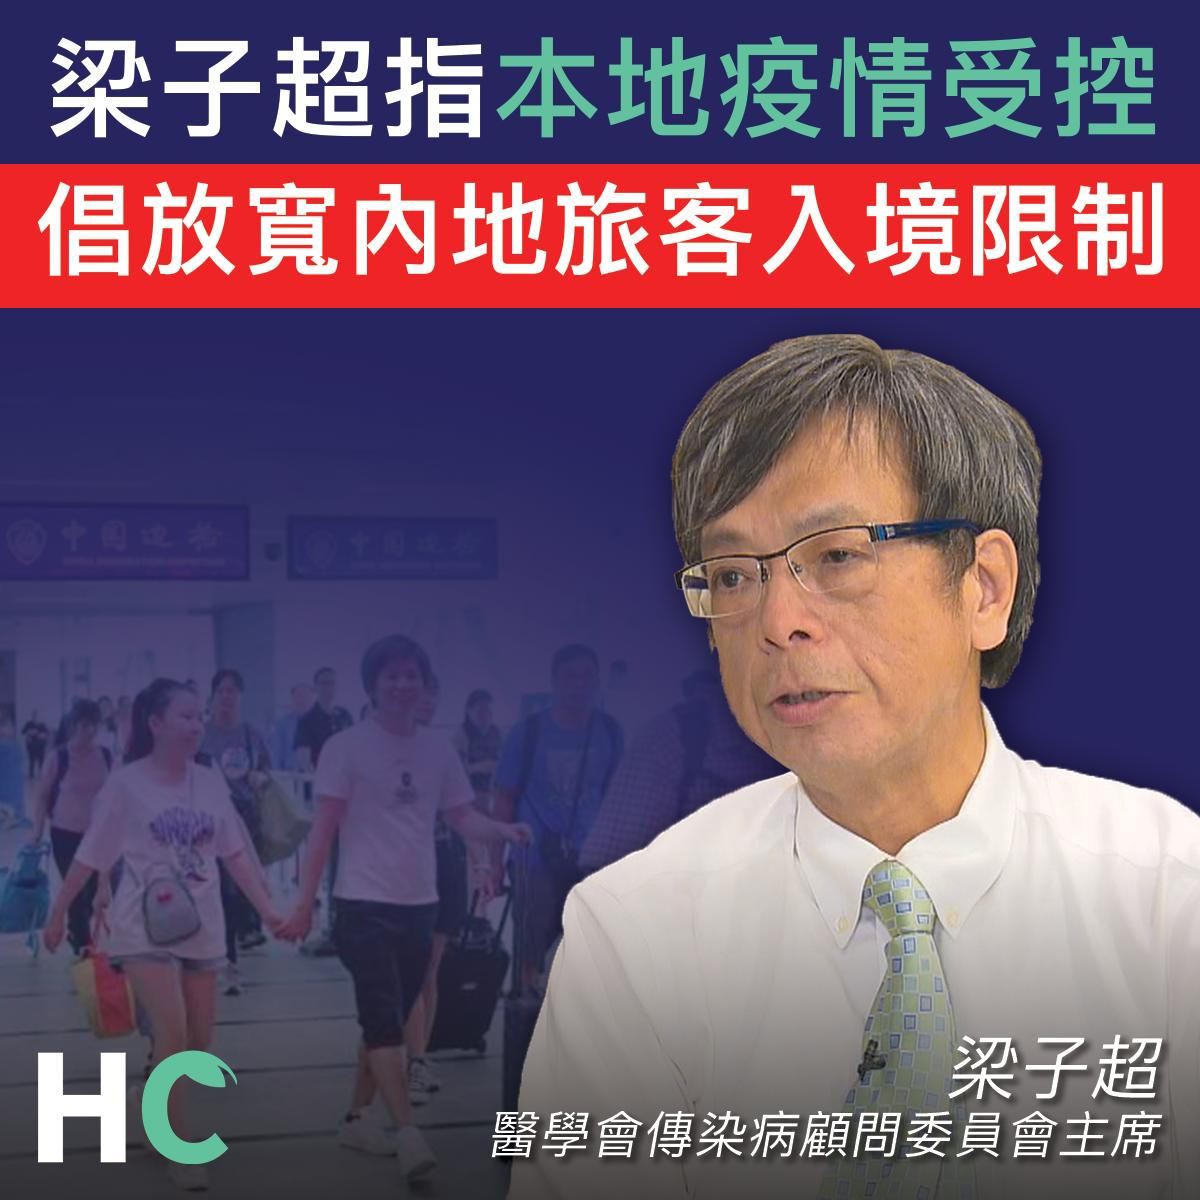 【#武漢肺炎】梁子超指本地疫情受控 倡放寬內地旅客入境限制